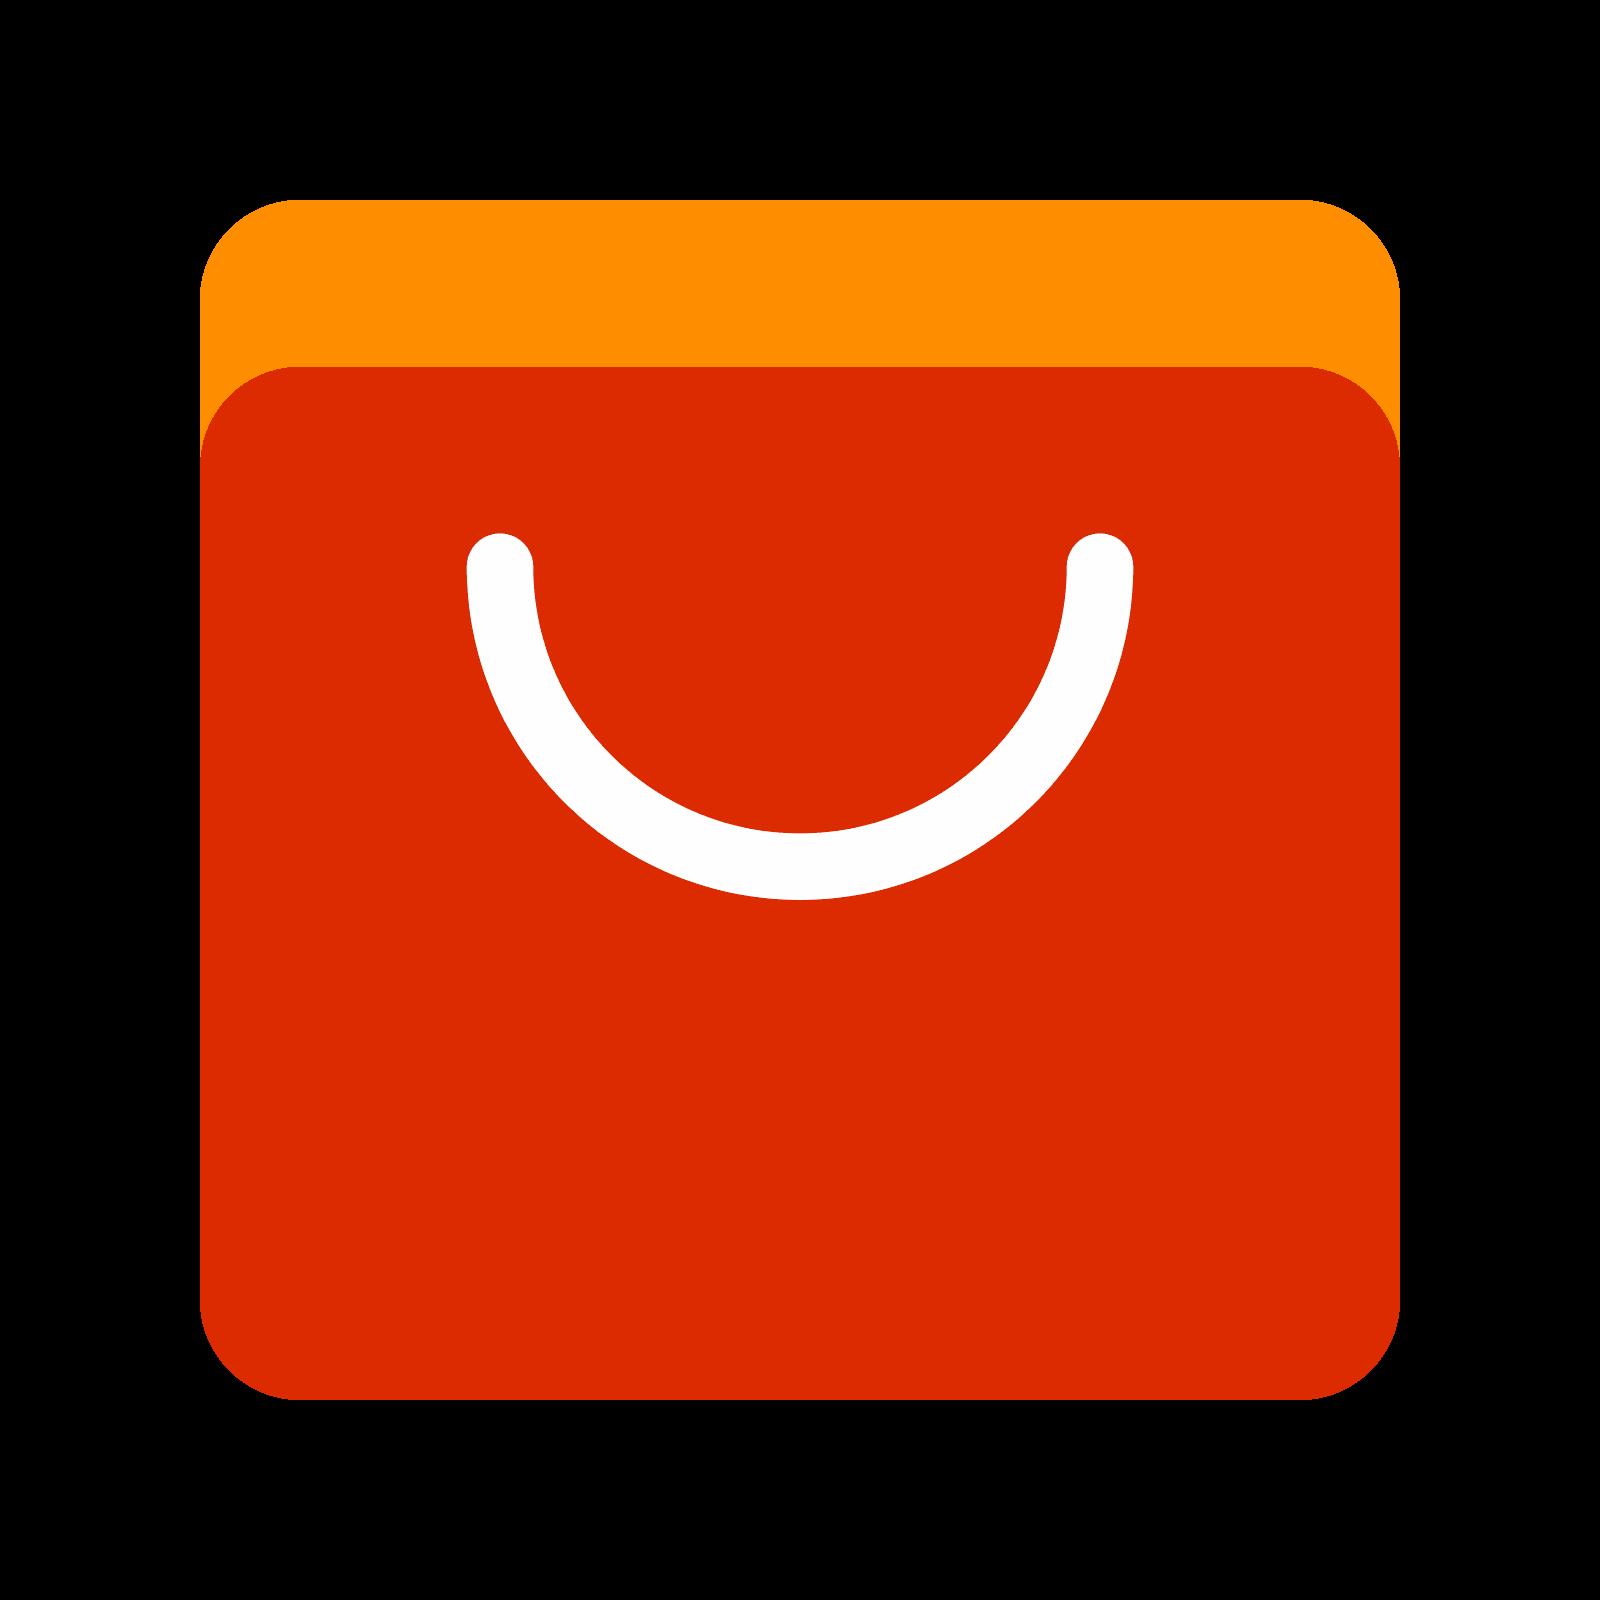 Logo aliexpress png 7 » PNG Image.